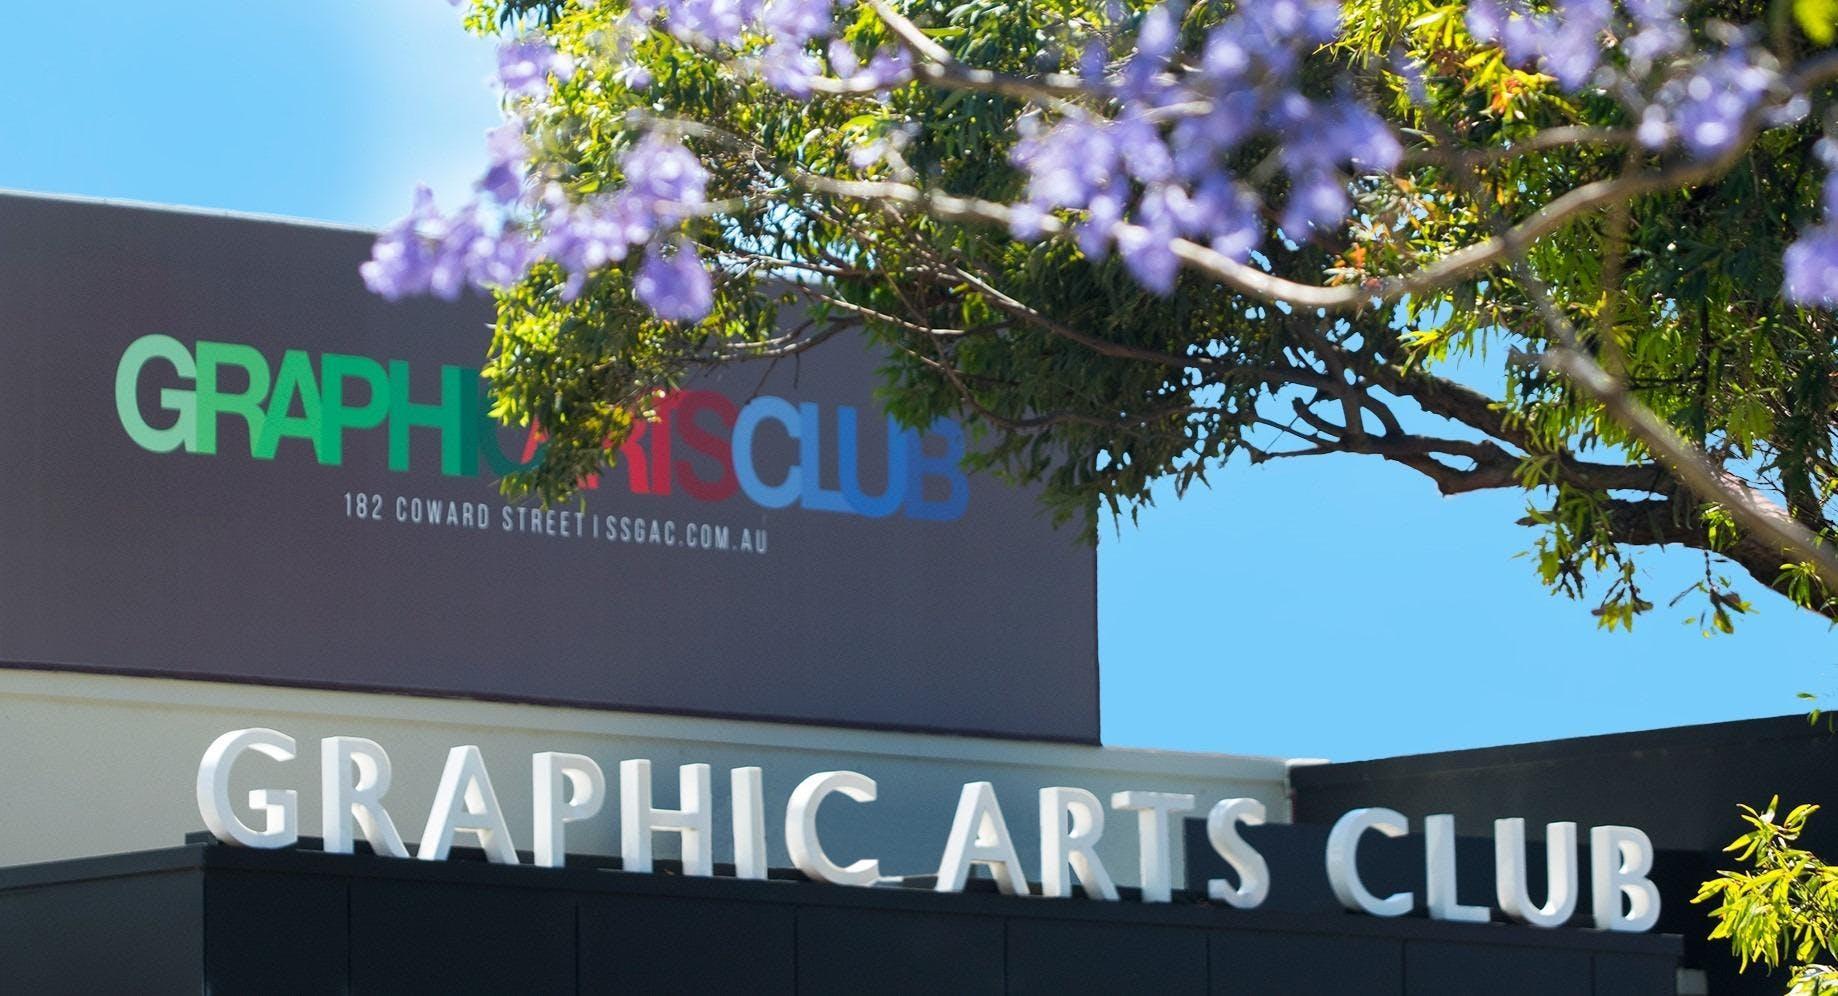 South Sydney Graphic Arts Club